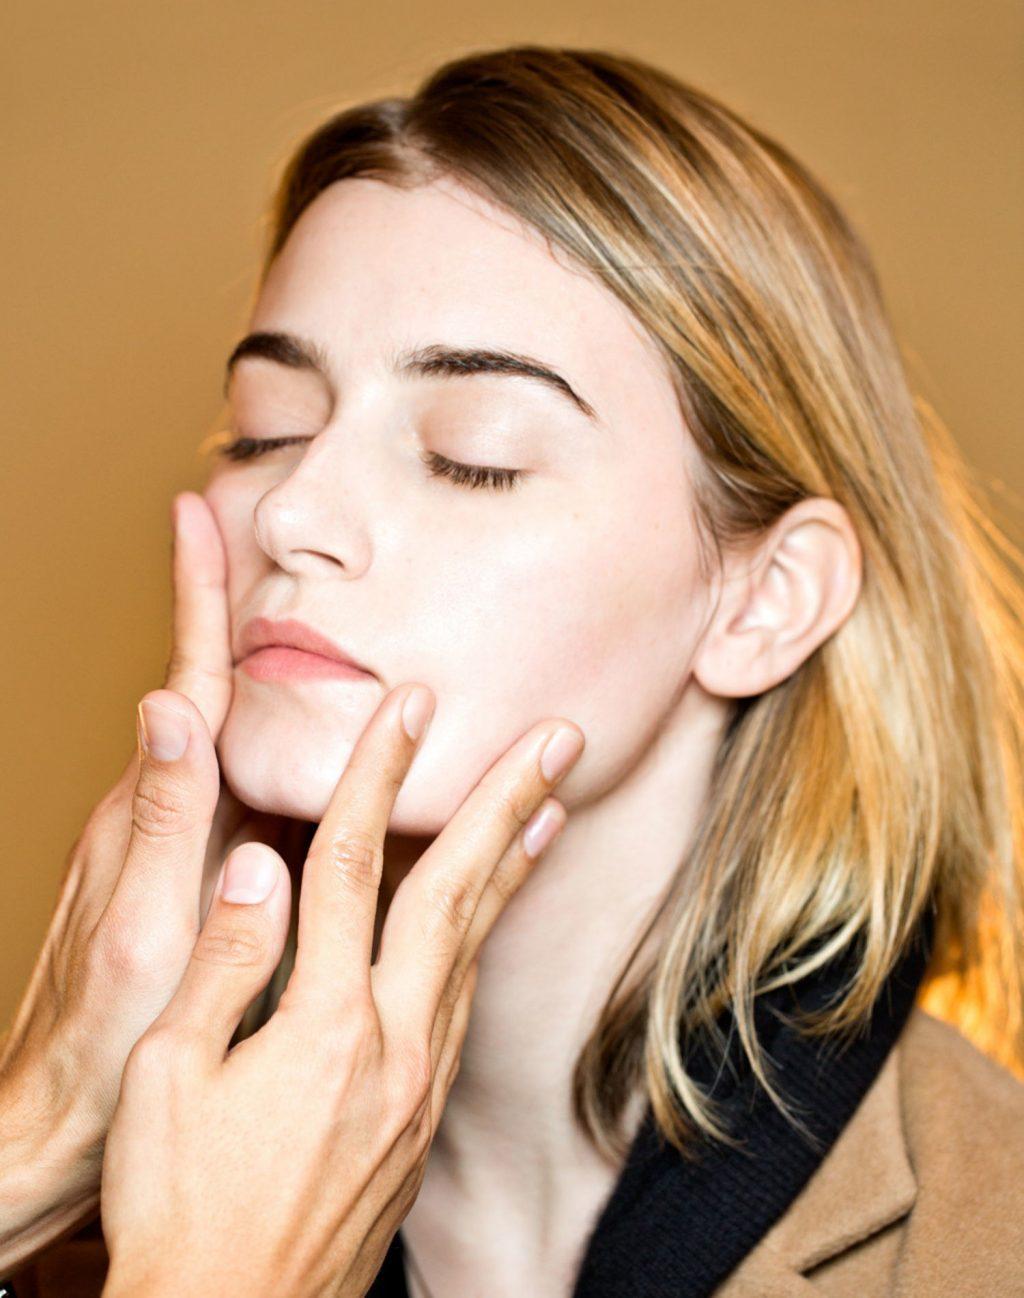 Không thoa kem dưỡng ẩm quá dày để giúp da ăn lớp trang điểm